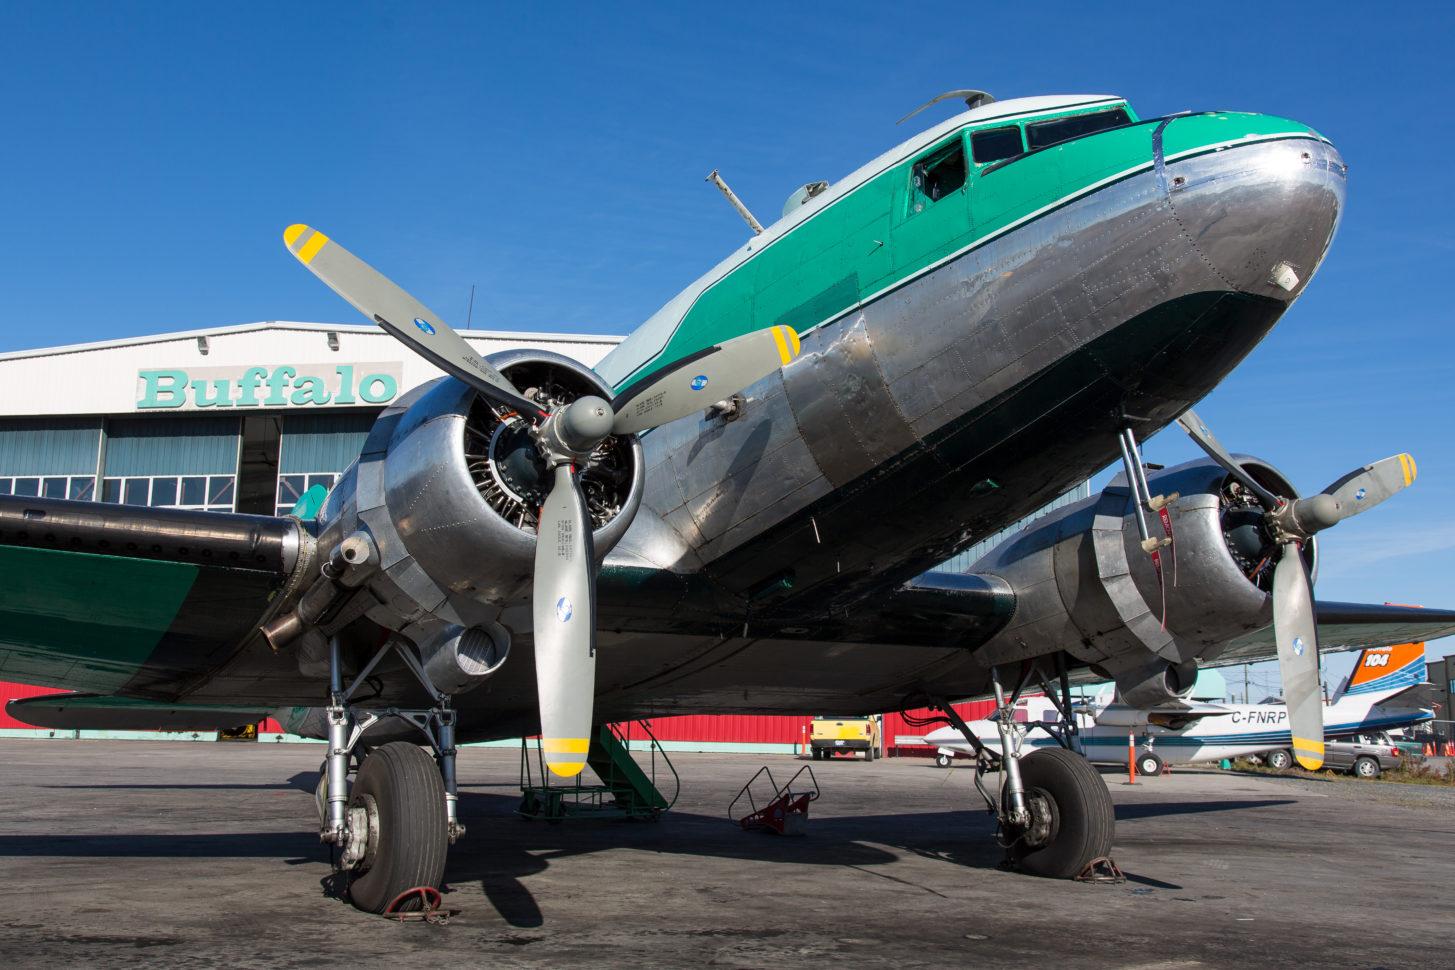 Mit mehreren solcher DC-3 versorgt Buffalo Airways den Norden Kanadas